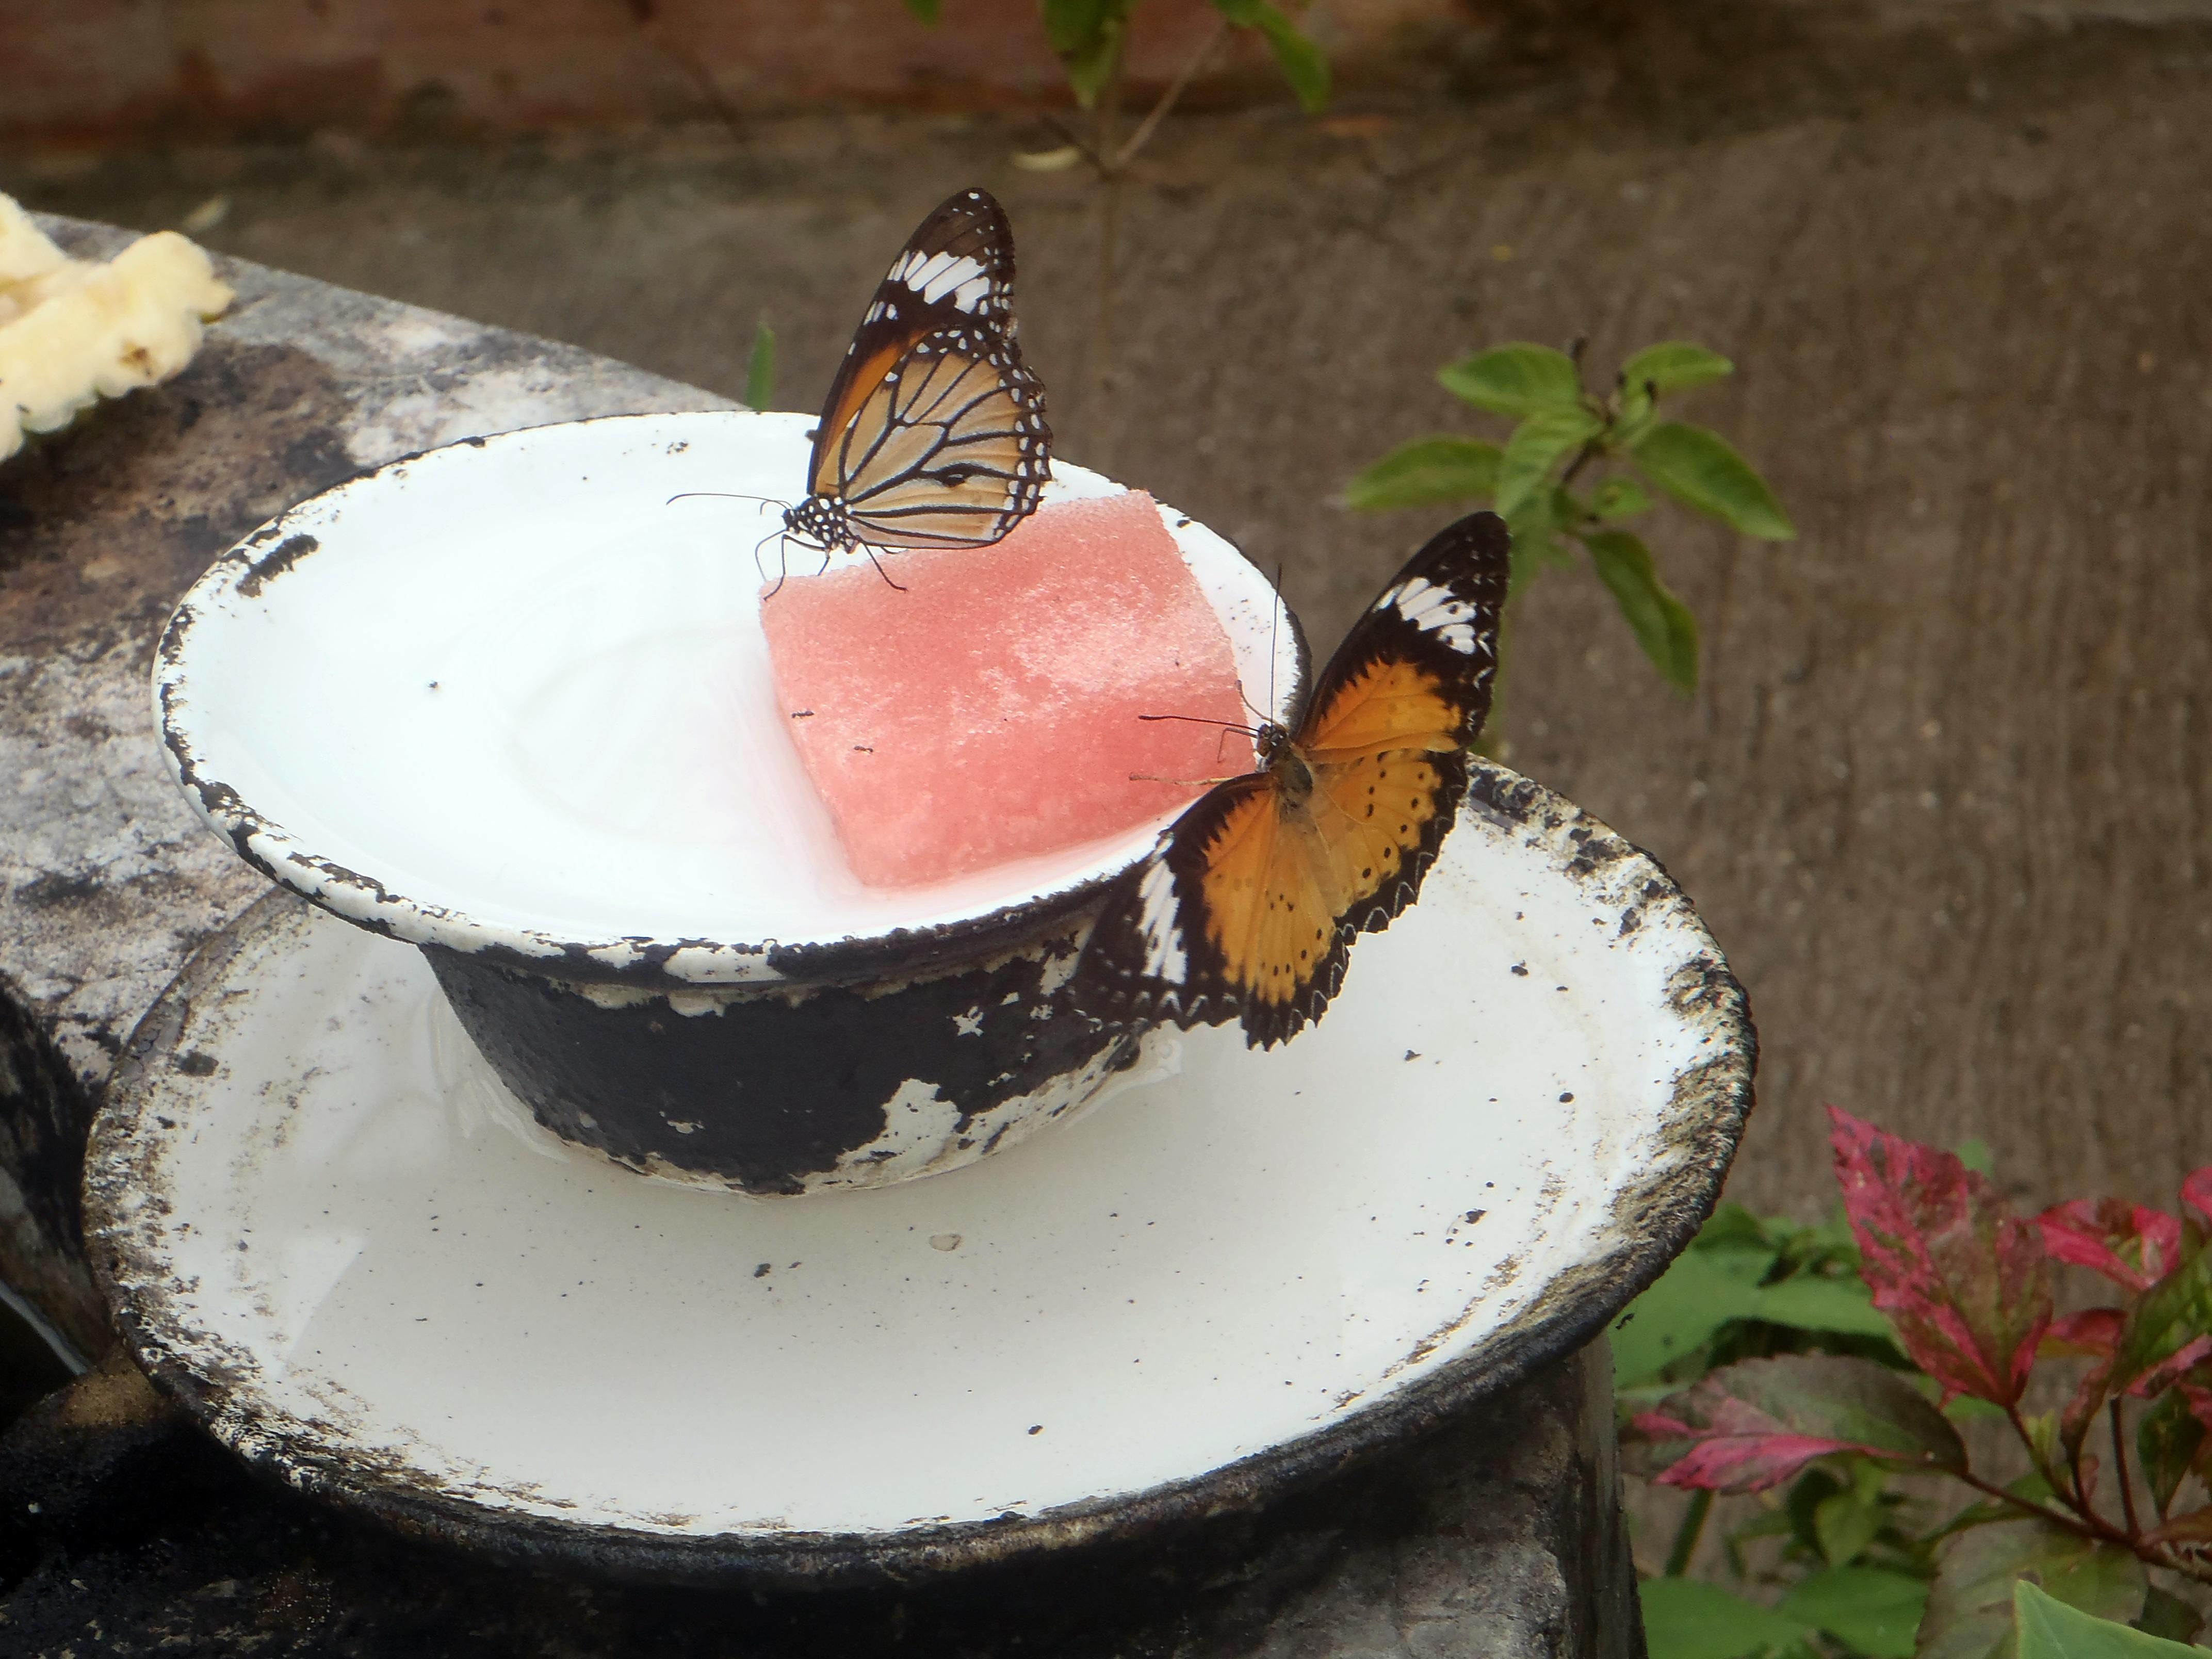 Restaurante de las Orquídeas - Bai Orchid-Butterfly Farm